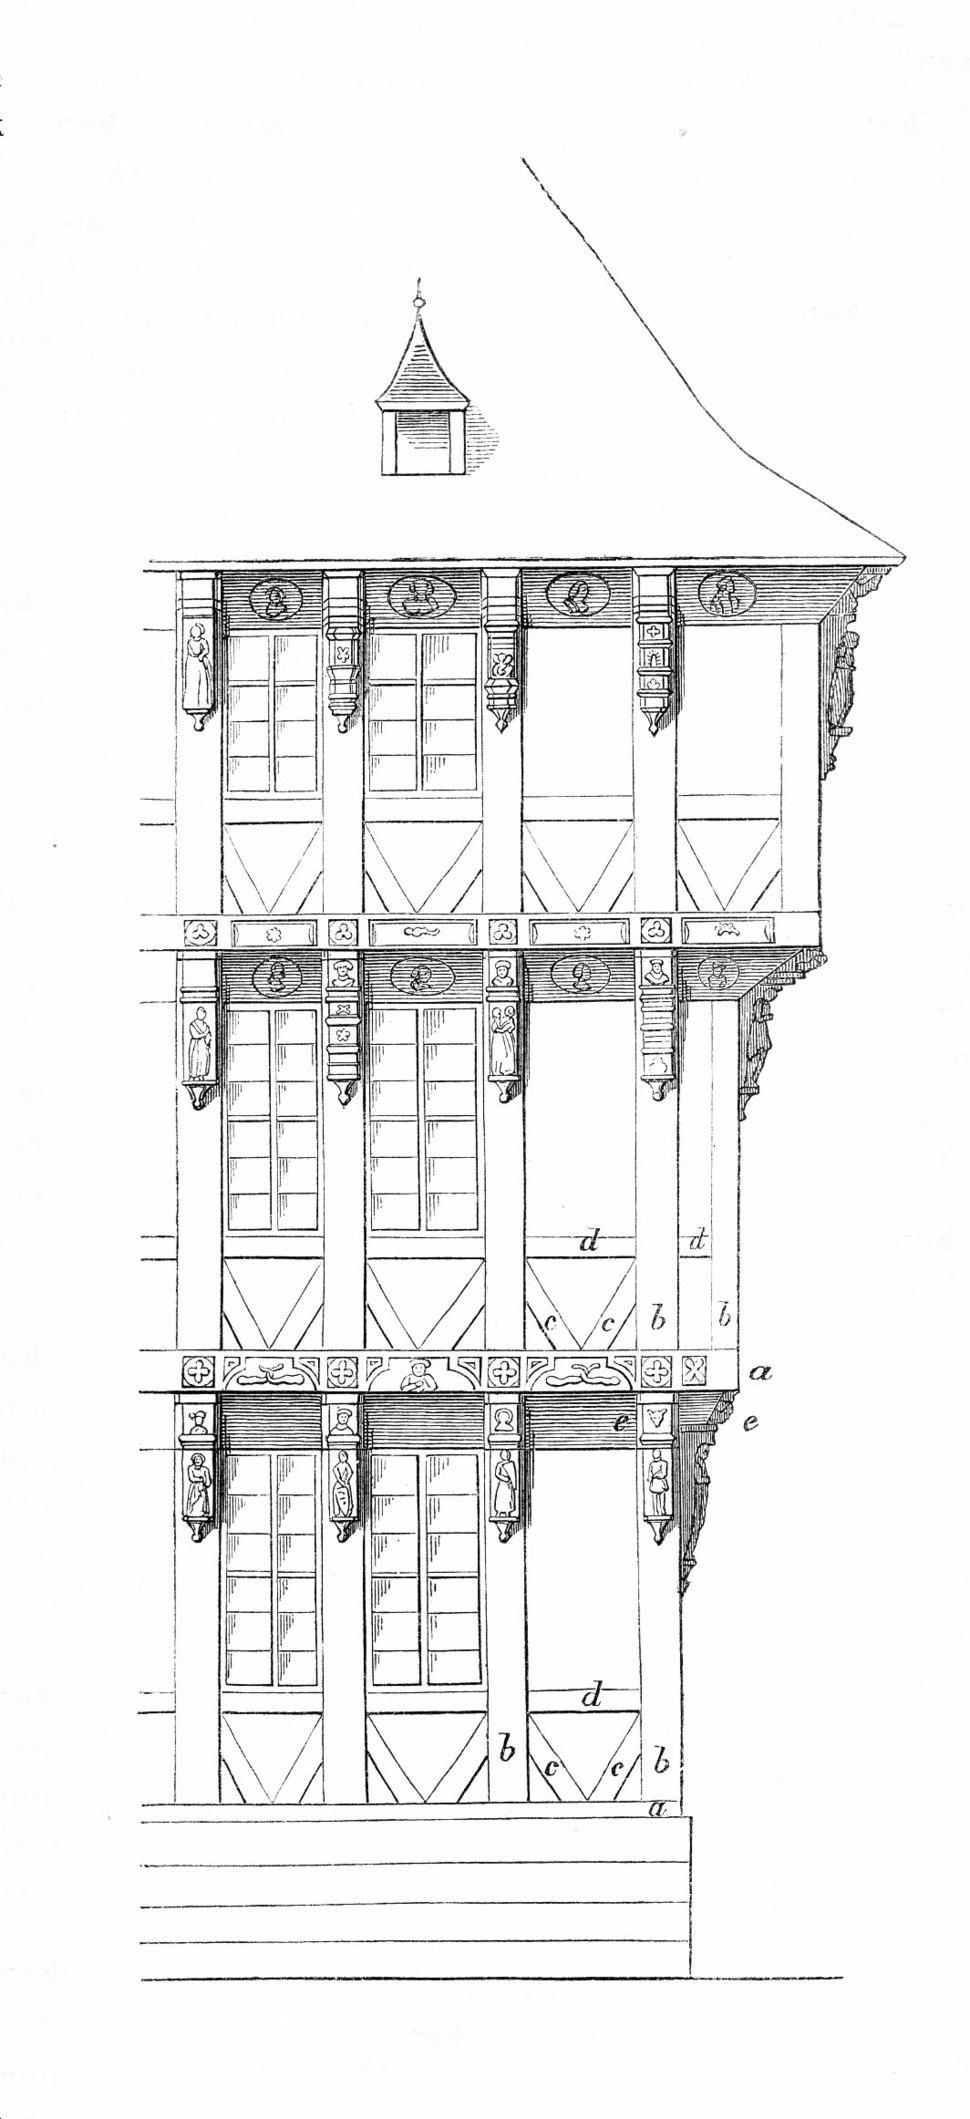 MZK 003 Nr 01 Fig 27 - Holzwohnhaus Halberstadt Aufbau